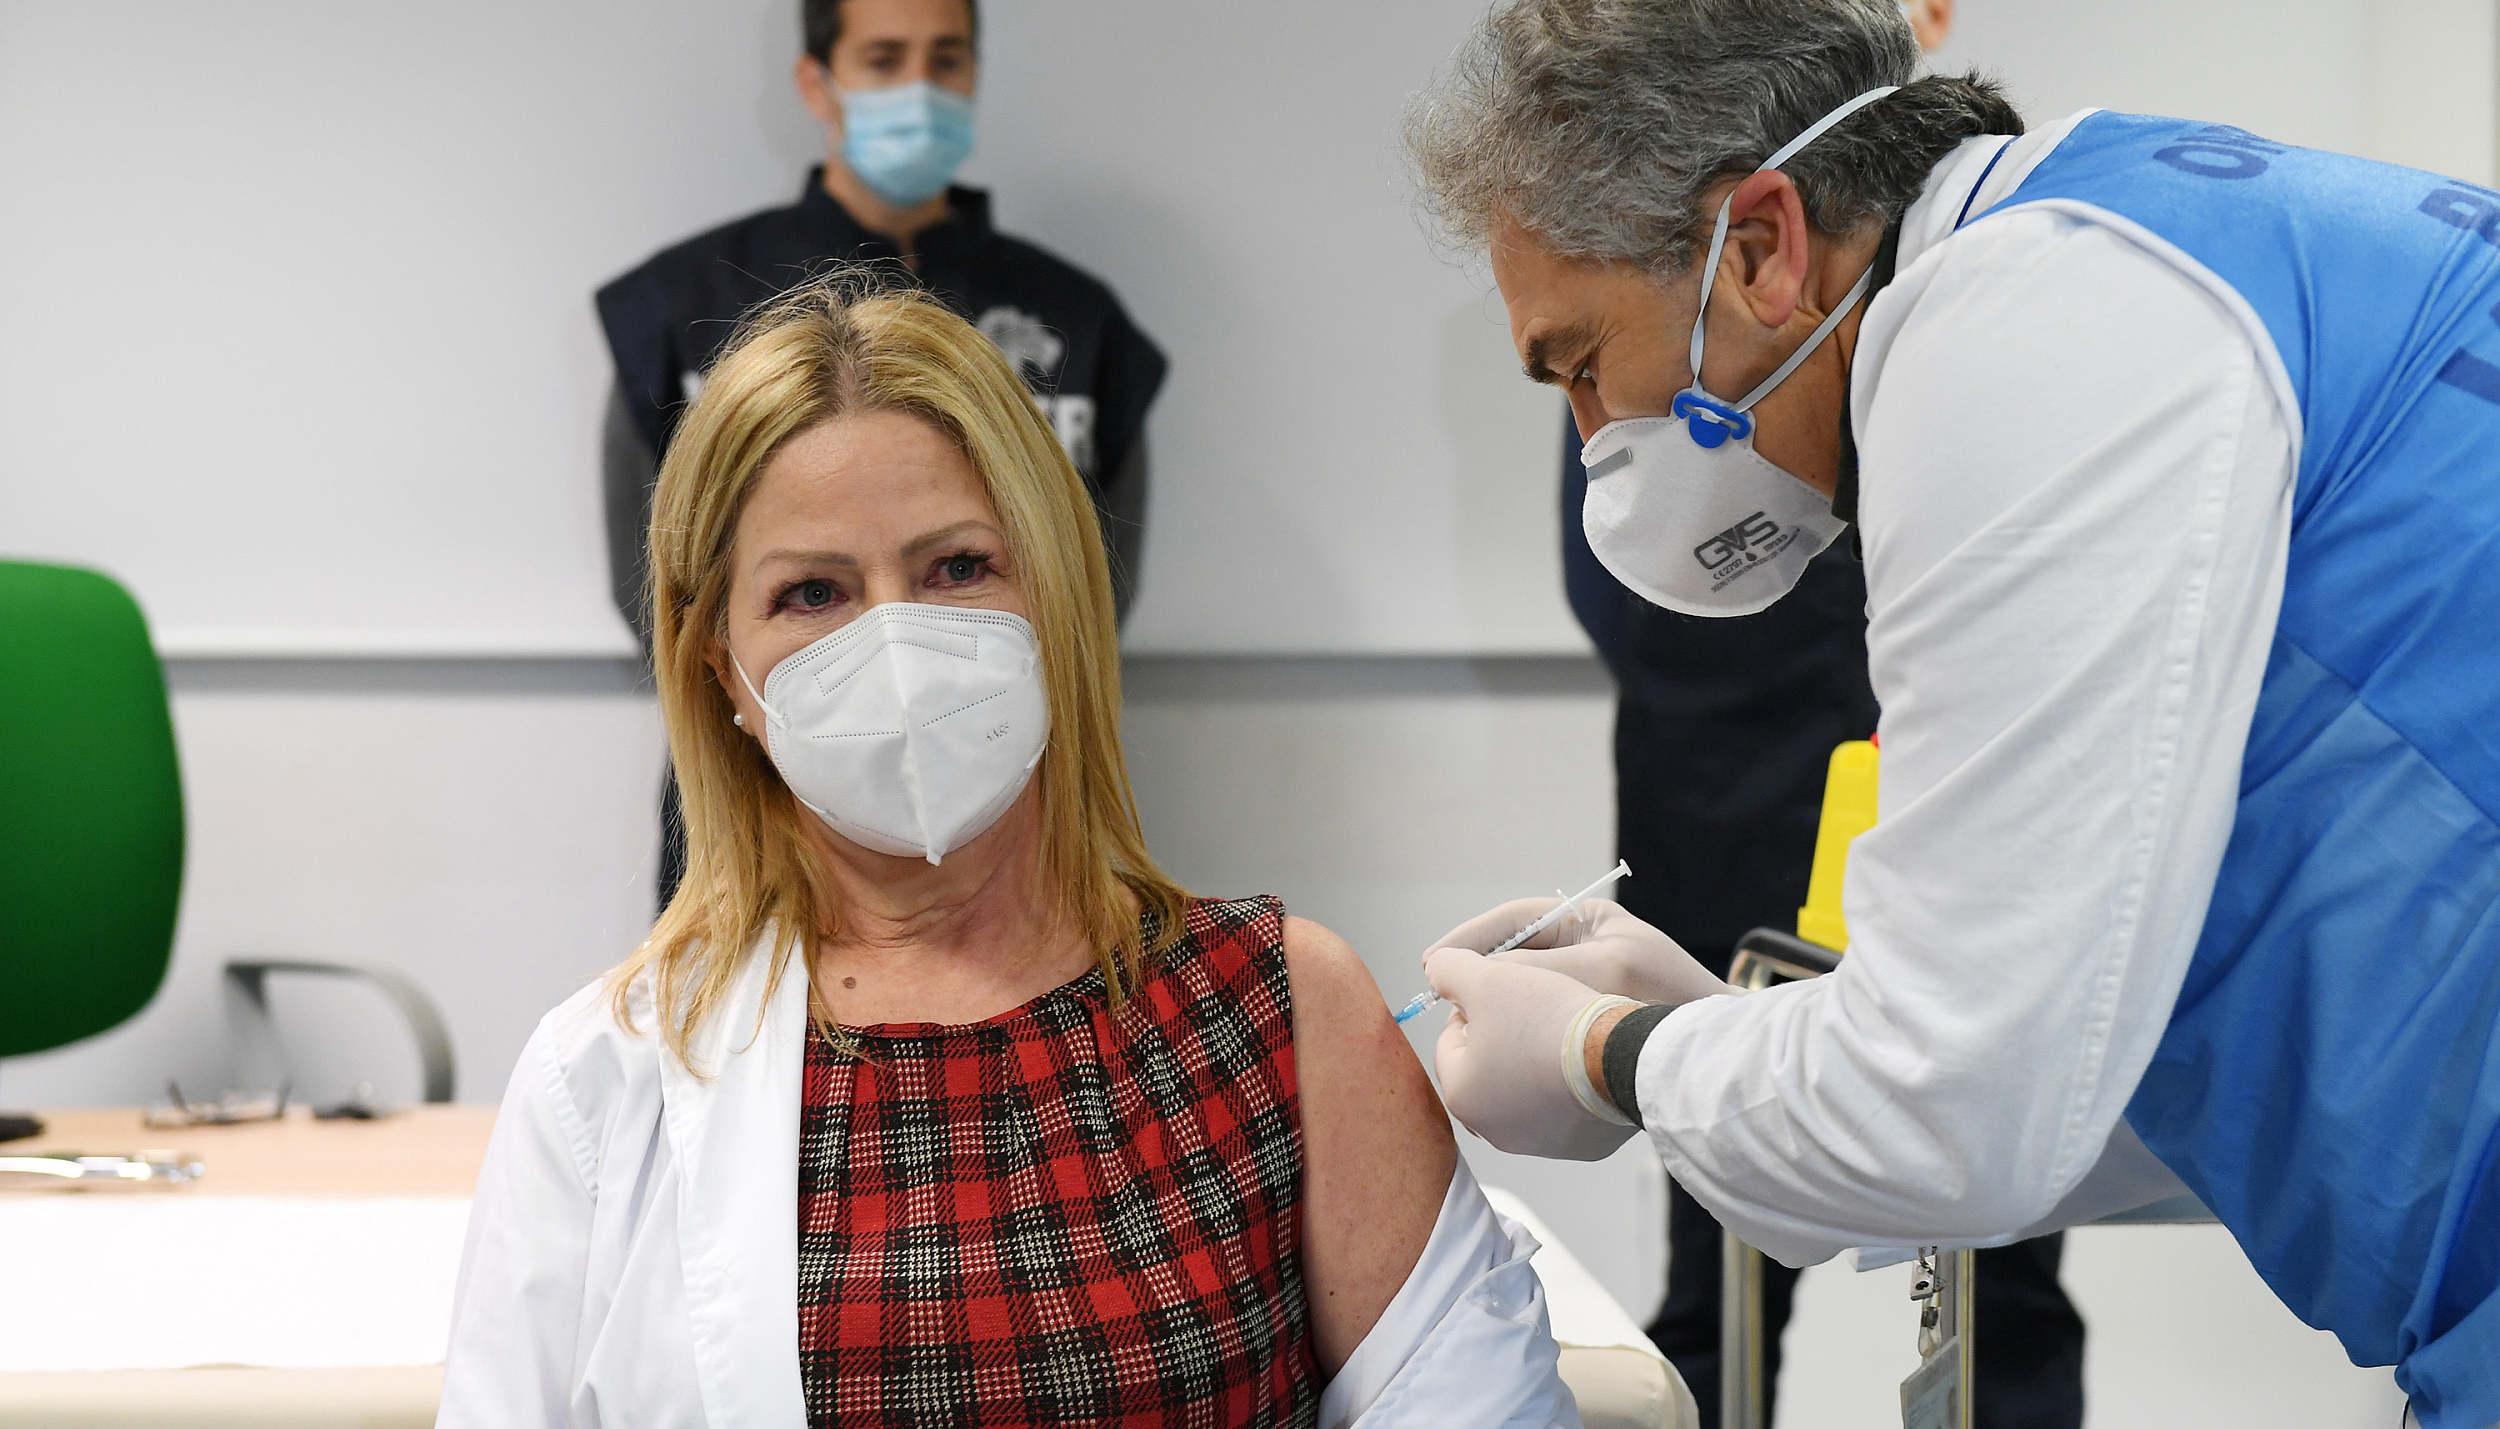 多国考虑推迟或取消第二针新冠疫苗,让更多人先打上第一针更重要?